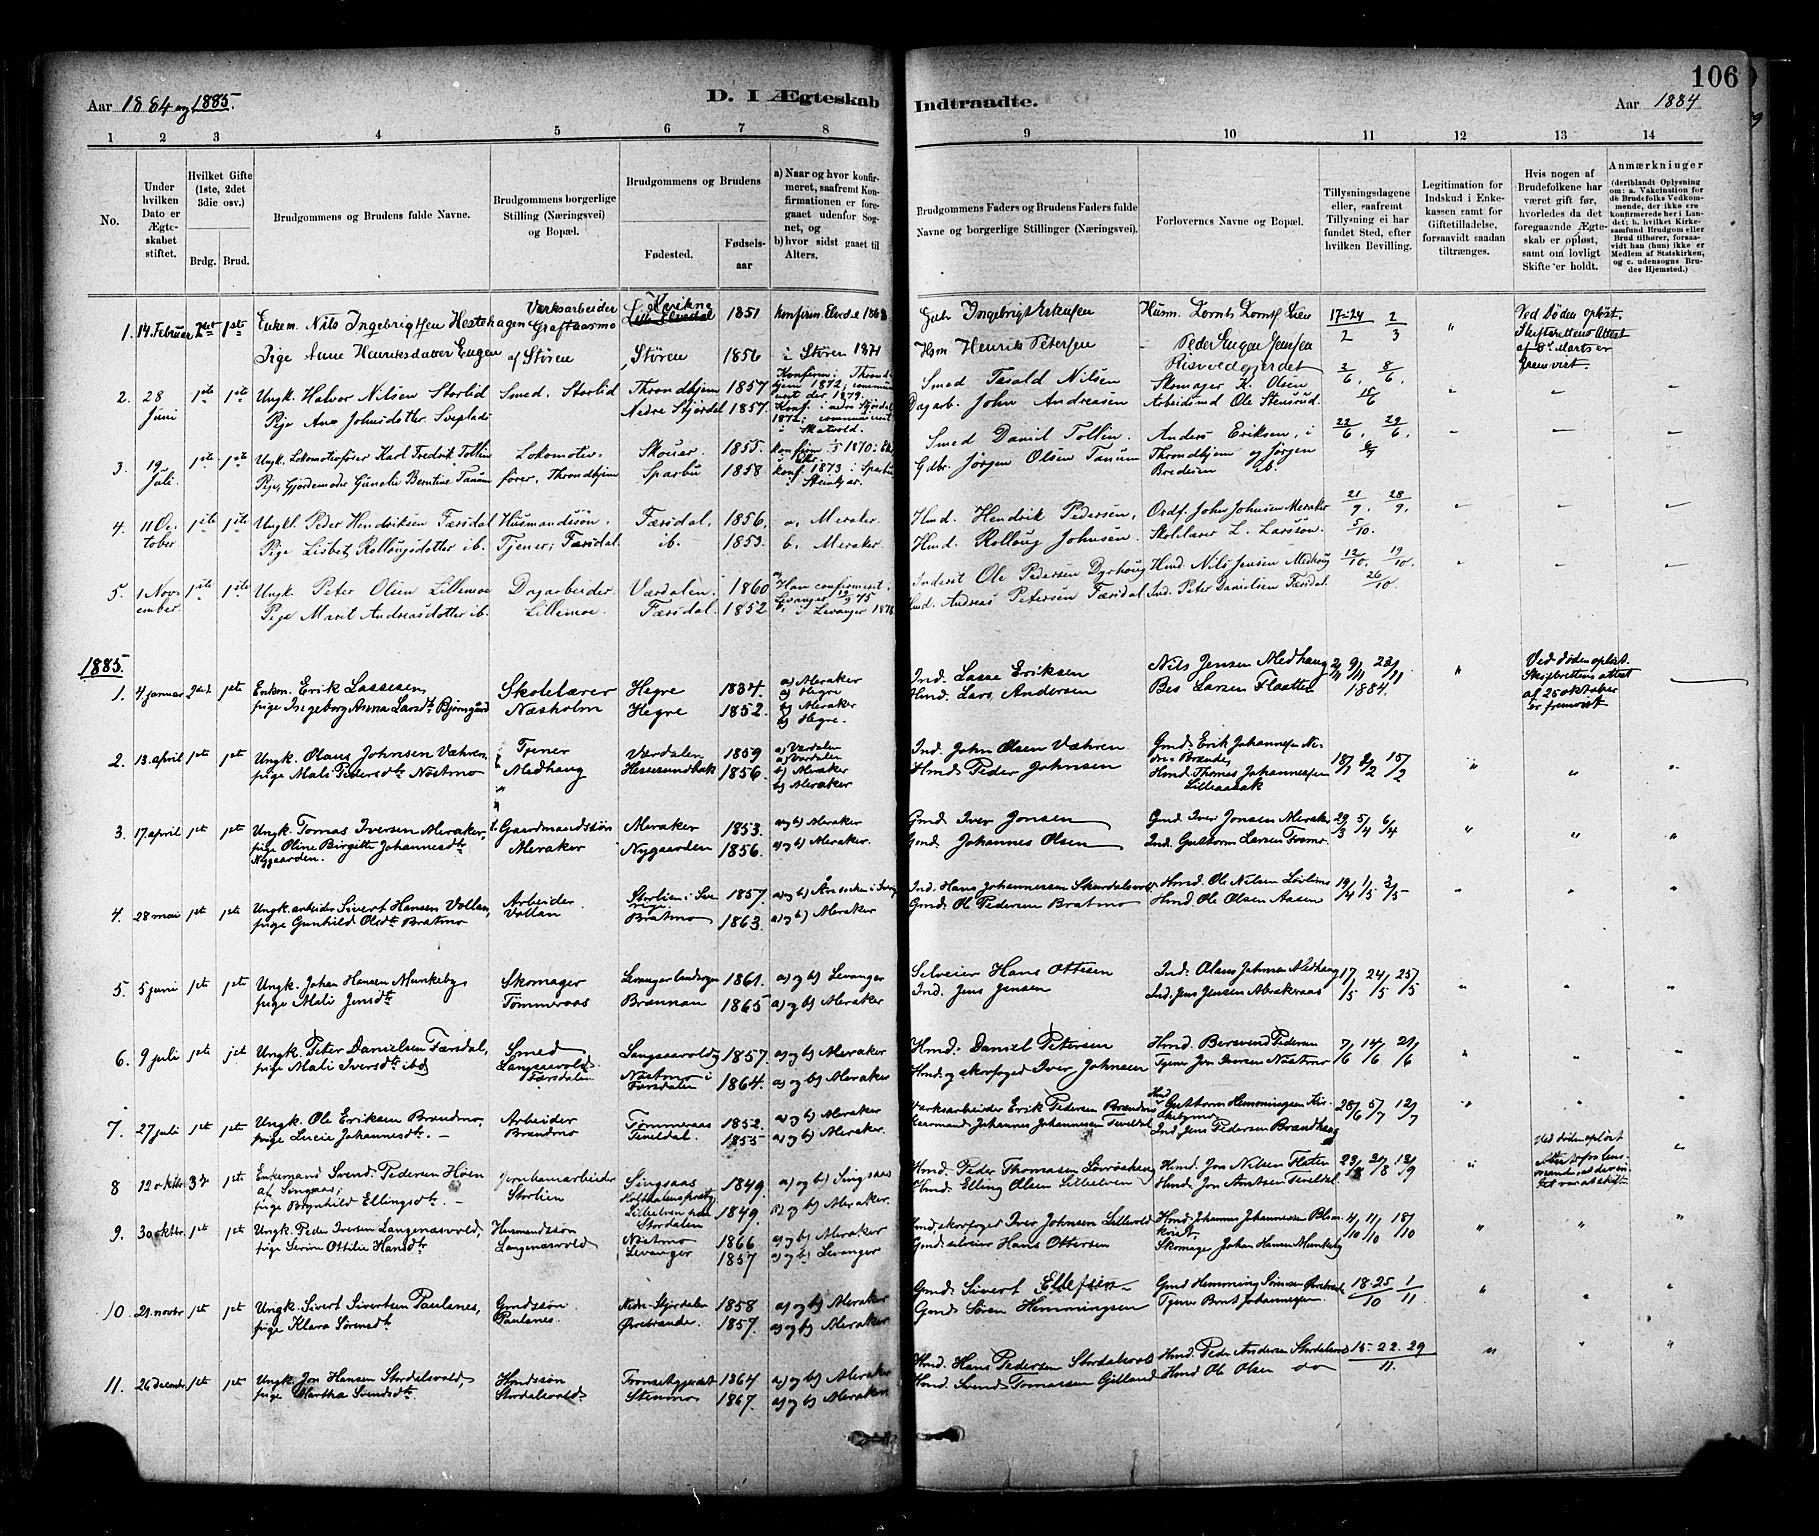 SAT, Ministerialprotokoller, klokkerbøker og fødselsregistre - Nord-Trøndelag, 706/L0047: Parish register (official) no. 706A03, 1878-1892, p. 106